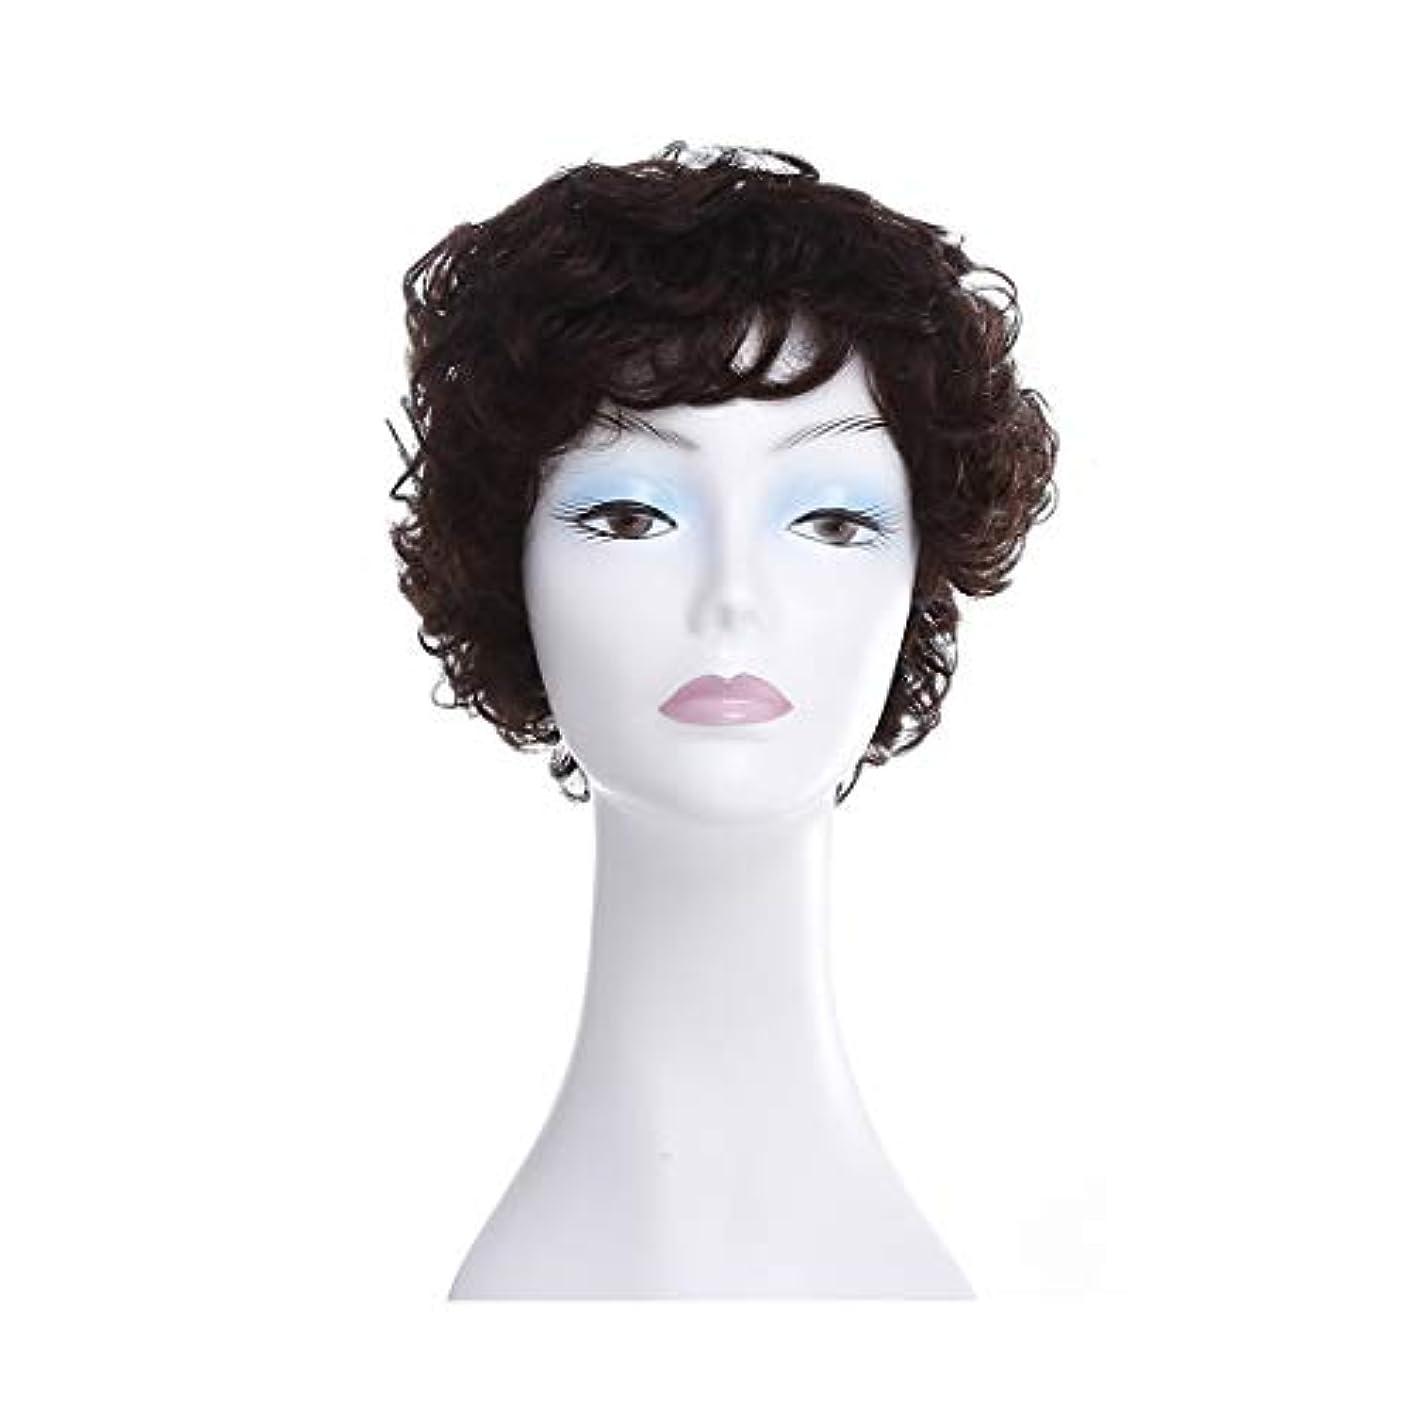 ハミングバードフレアエアコンYOUQIU ふわふわショートカーリーヘアウィッグ中東や旧高齢女性ヘアスタイルのフルウィッグ帽子 (色 : Natural black)